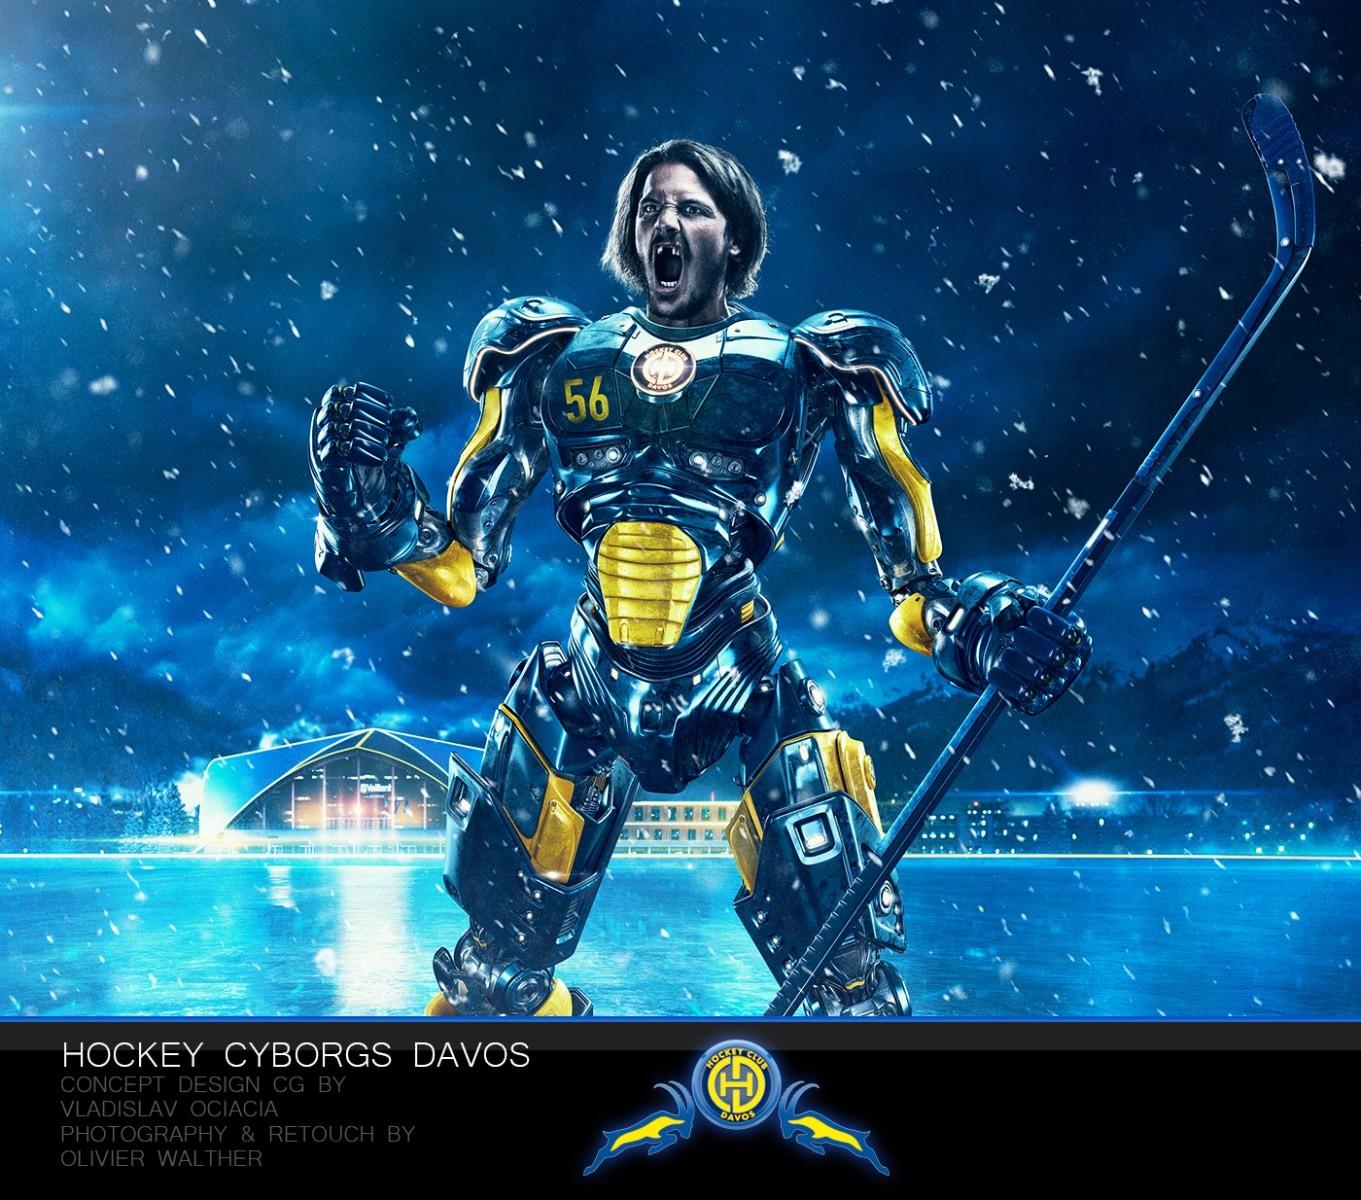 Vladislav ociacia hockey player robots 2